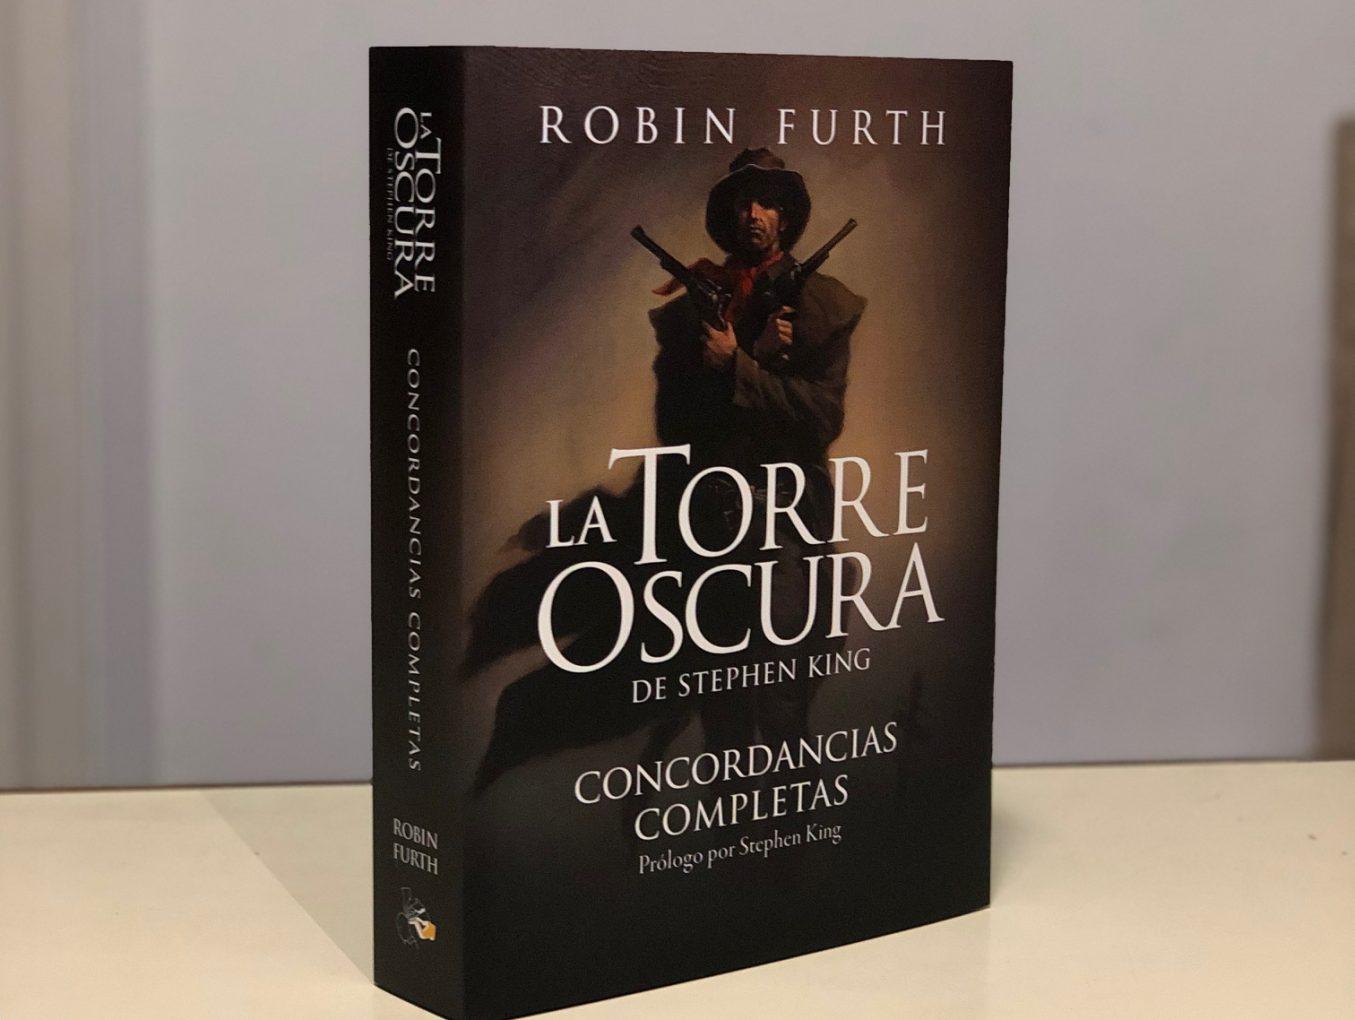 ¡LA TORRE OSCURA: CONCORDANCIAS COMPLETAS publicado!